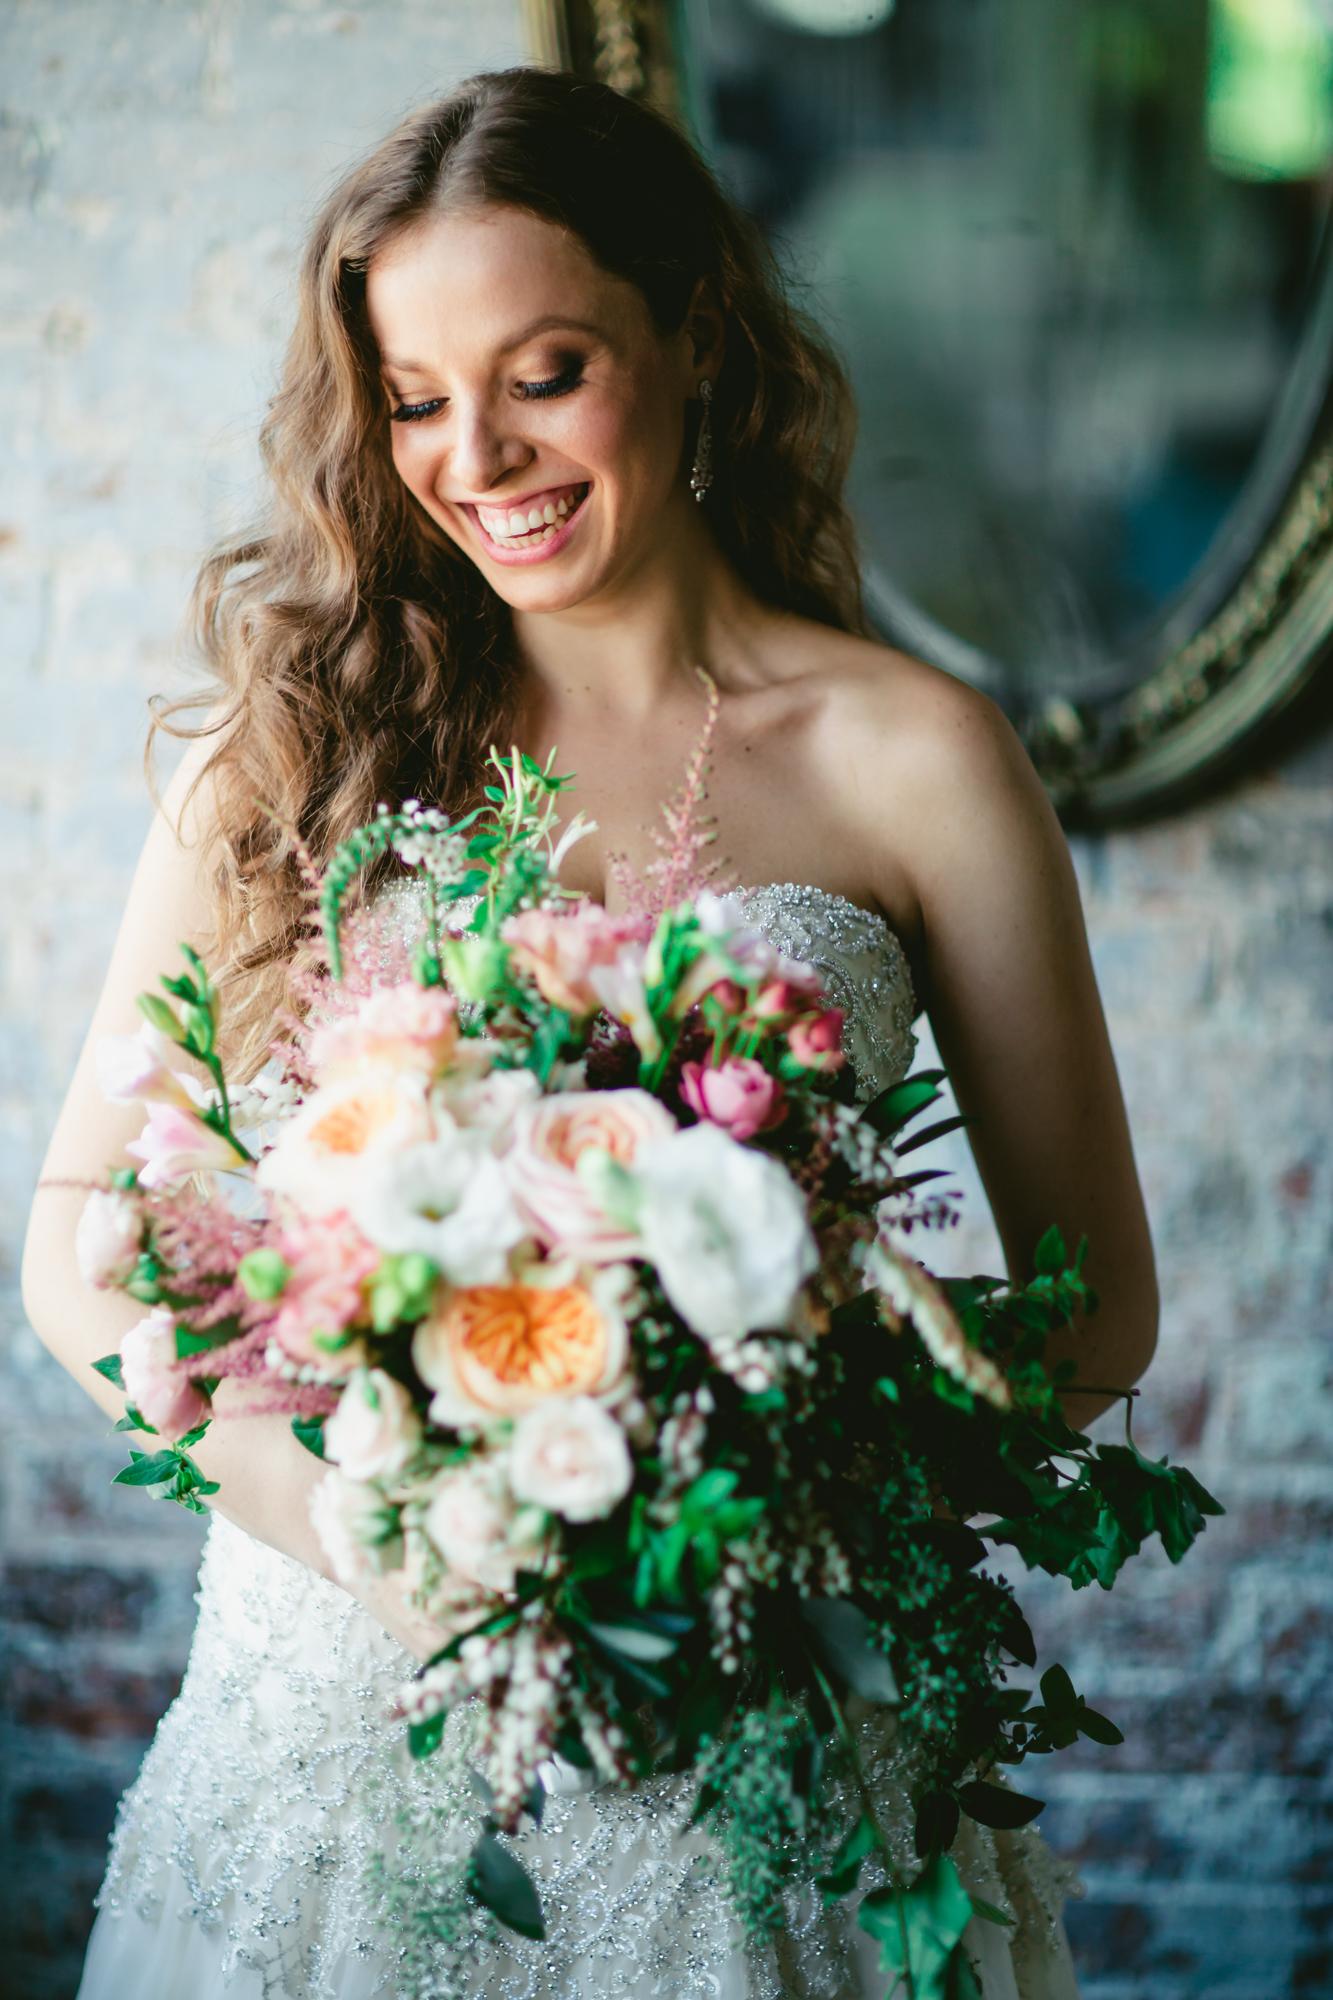 New York Wedding Photographer Boris Zaretsky Boris_Zaretsky_Photography_1N3A0461-Edit copy.jpg